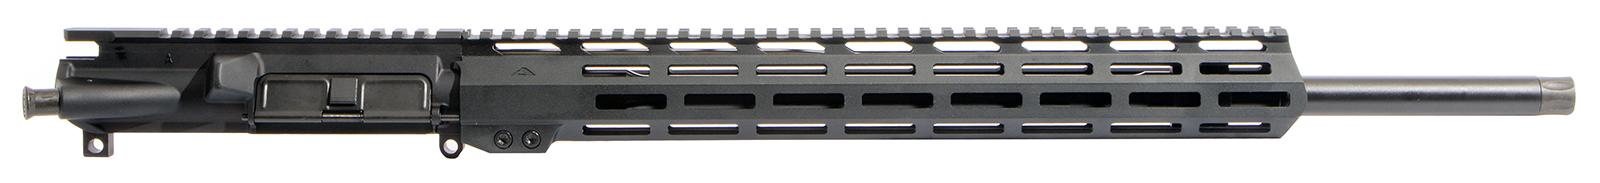 ar-15-upper-assembly-20-224-valkyrie-nitride-17-15-m-lok-160894